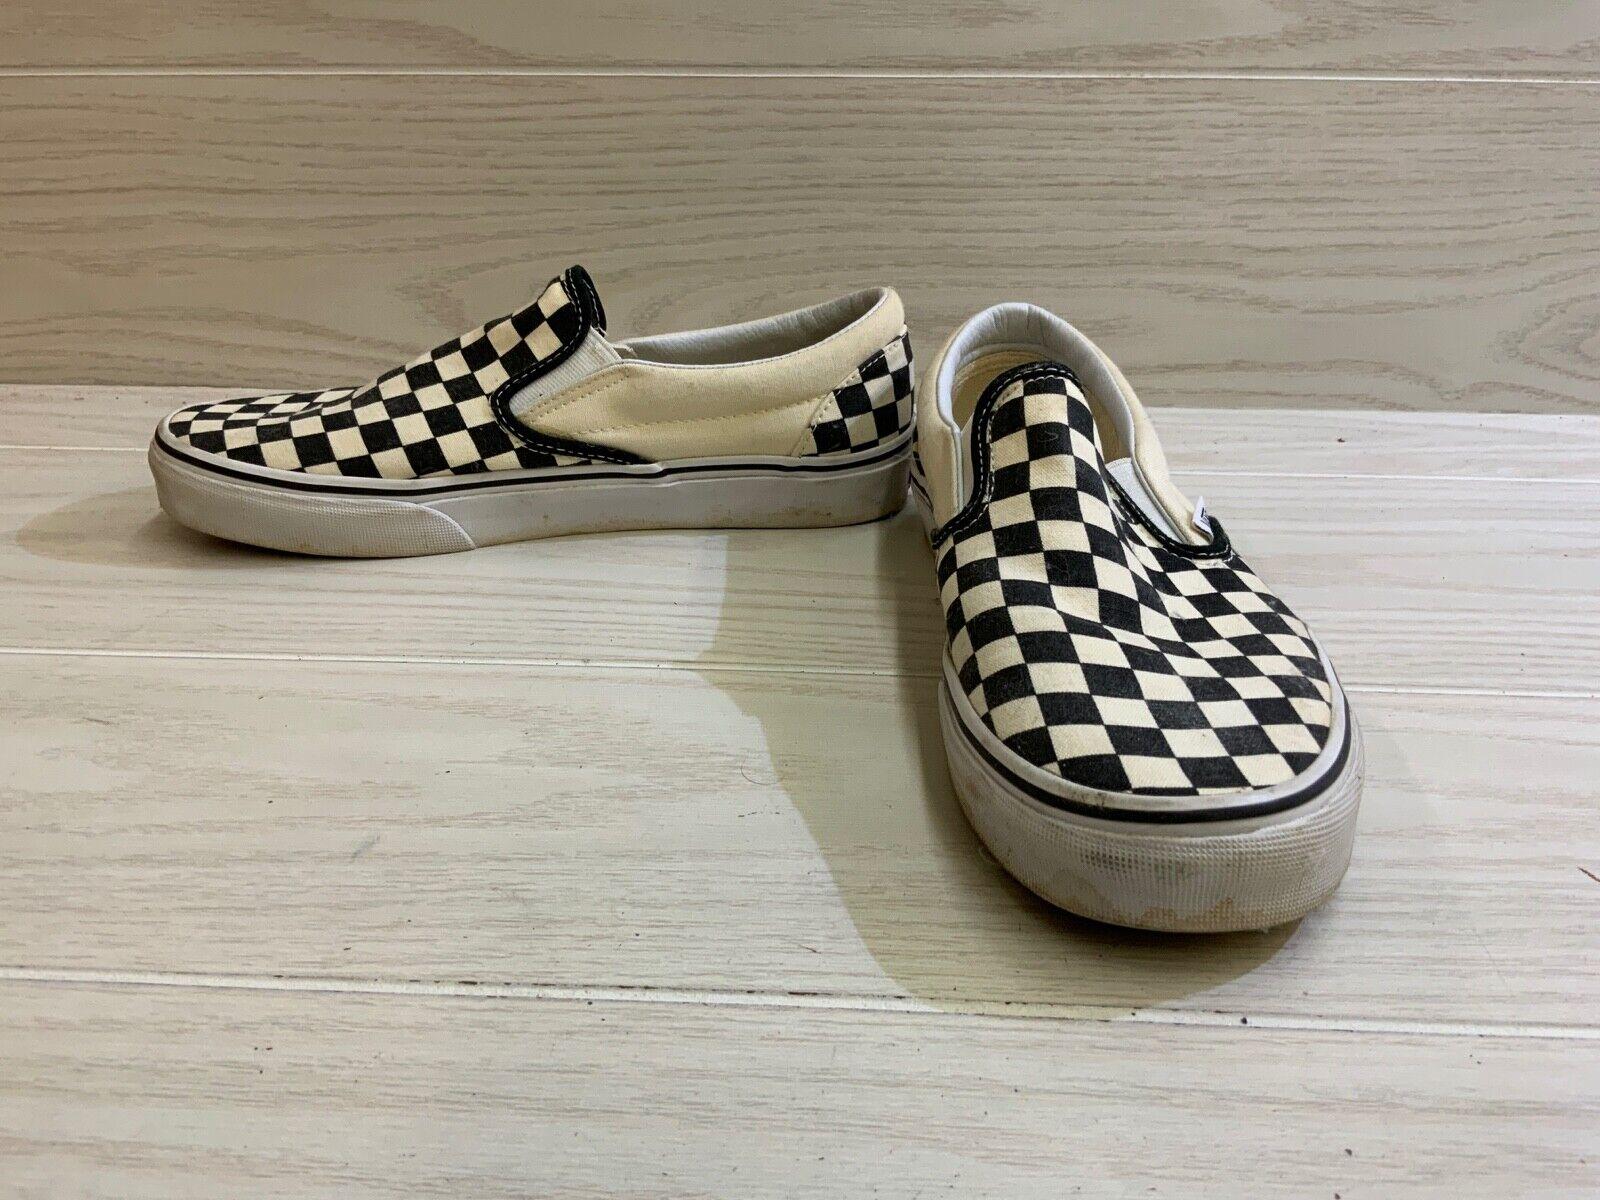 Vans Classic Slip-On, Men's 8.5 / Women's 10 , Checkerboard